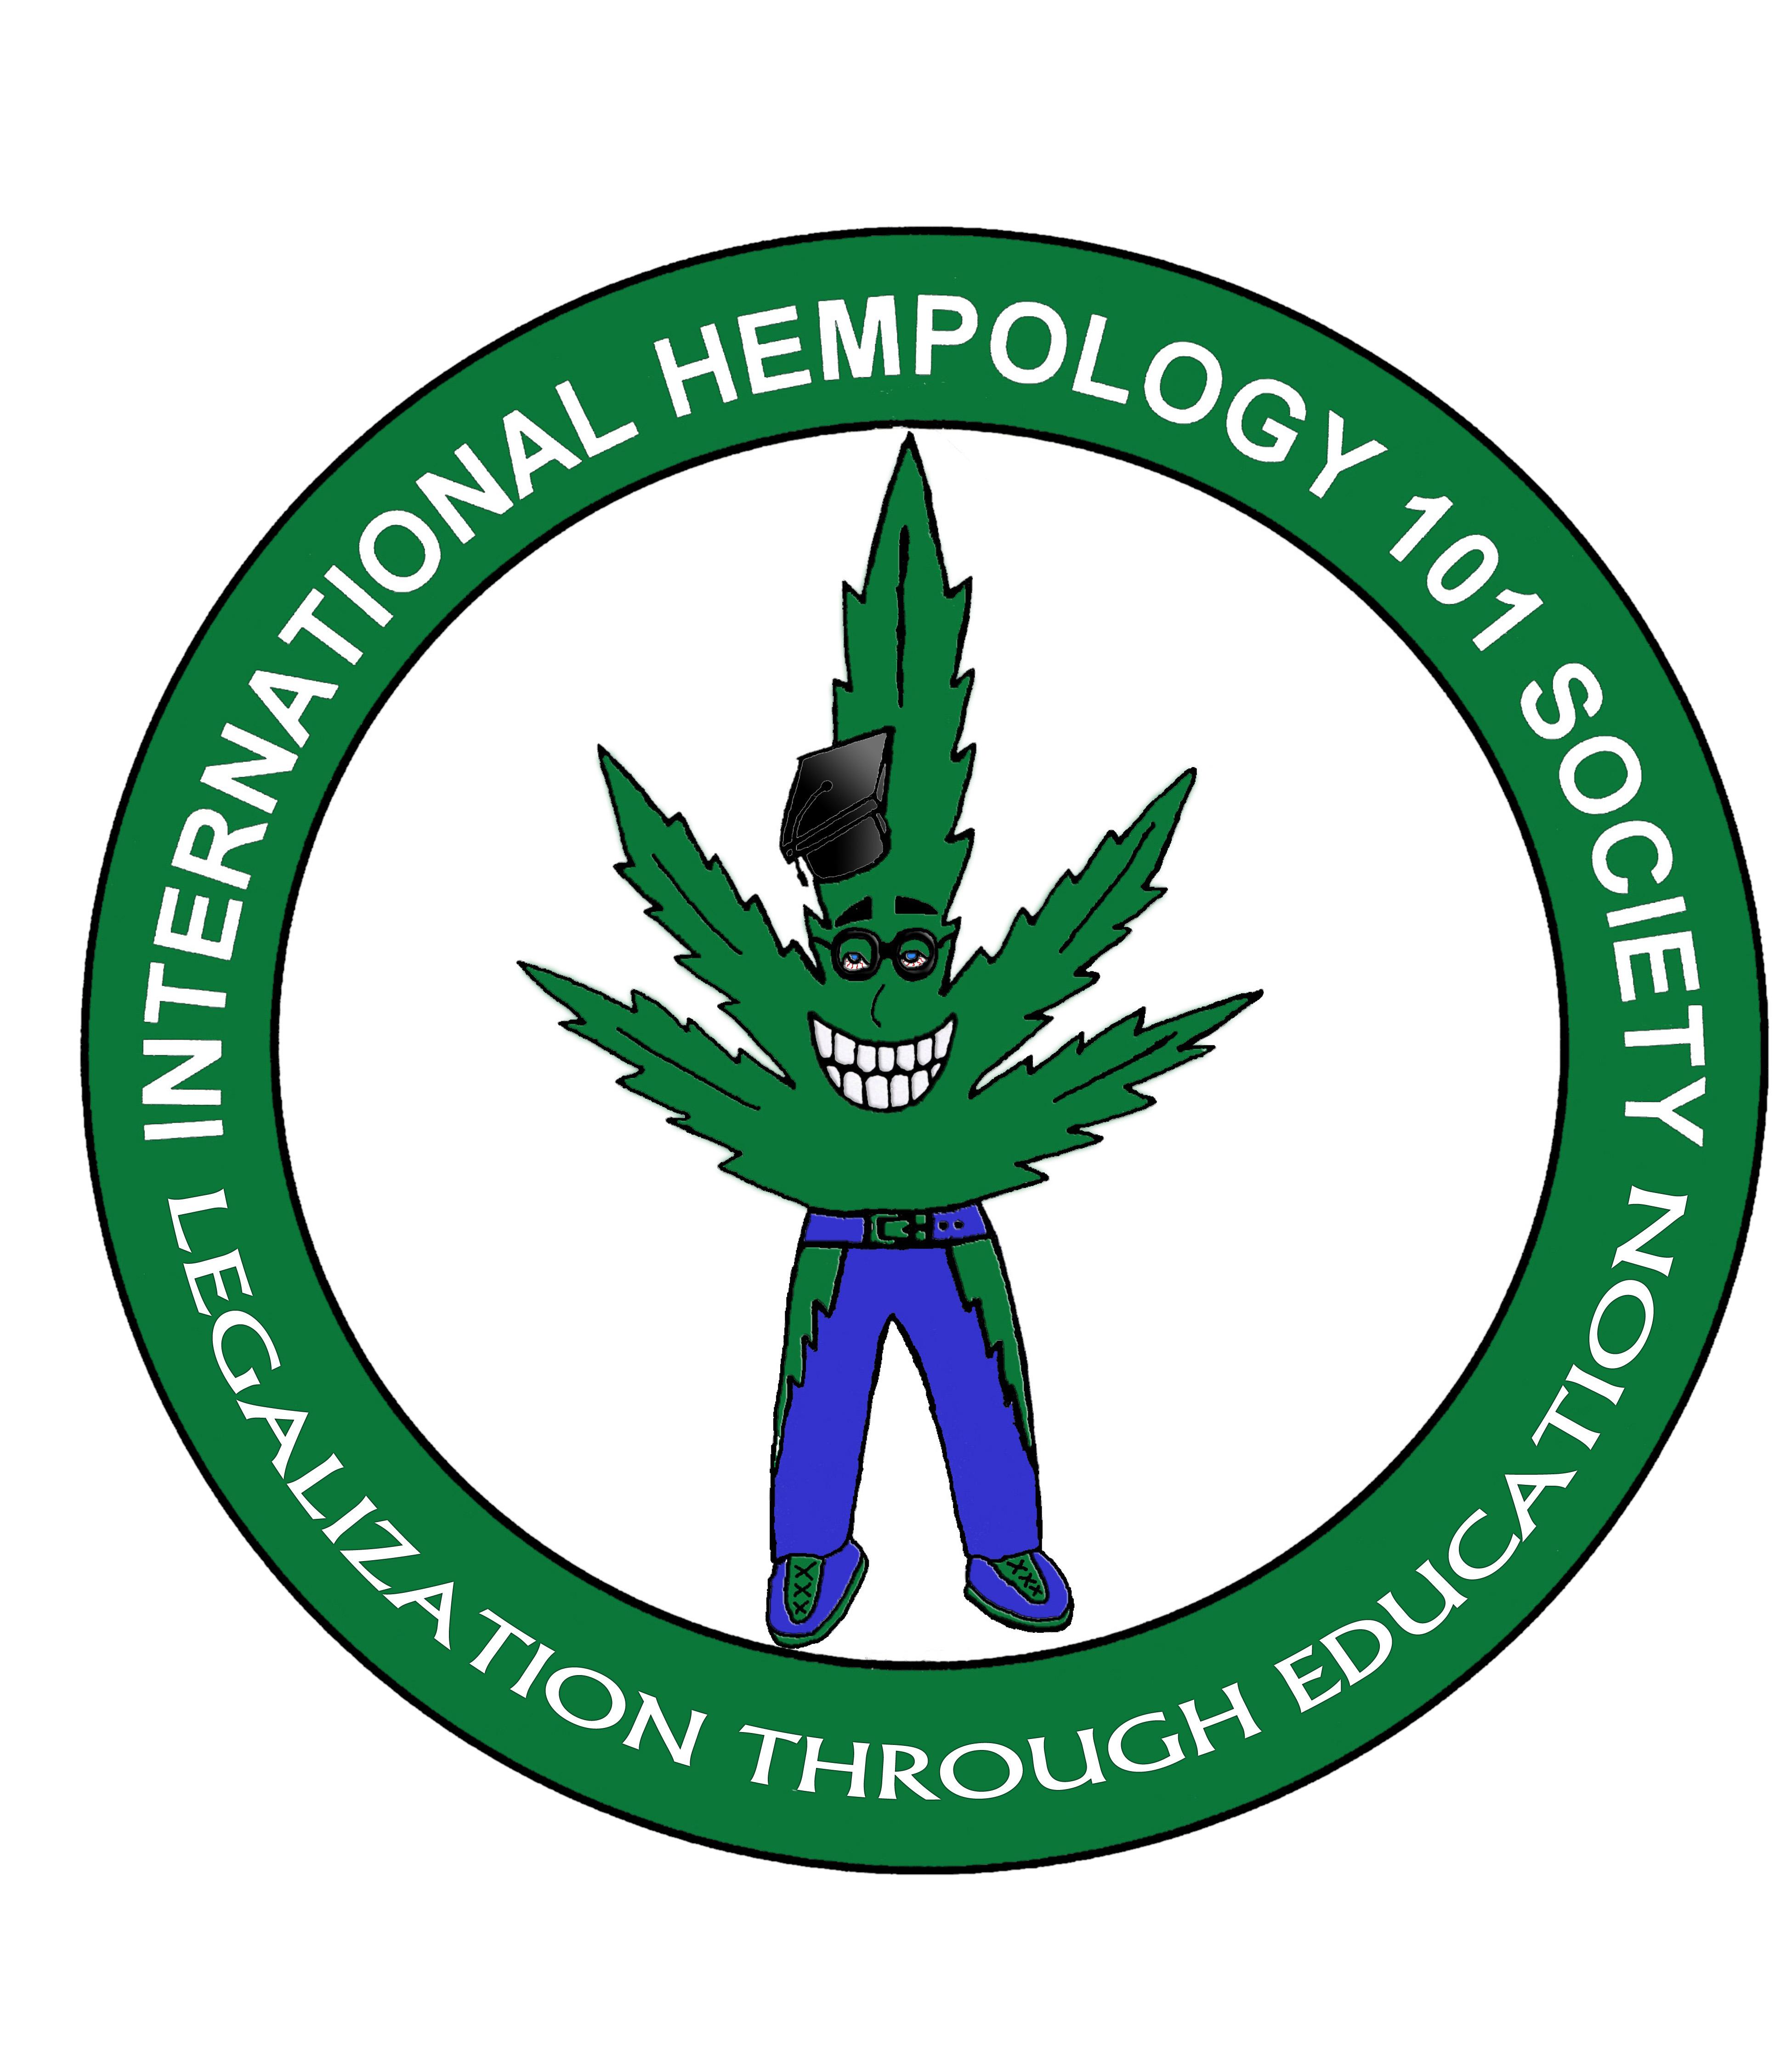 hempo-logo-2012-small